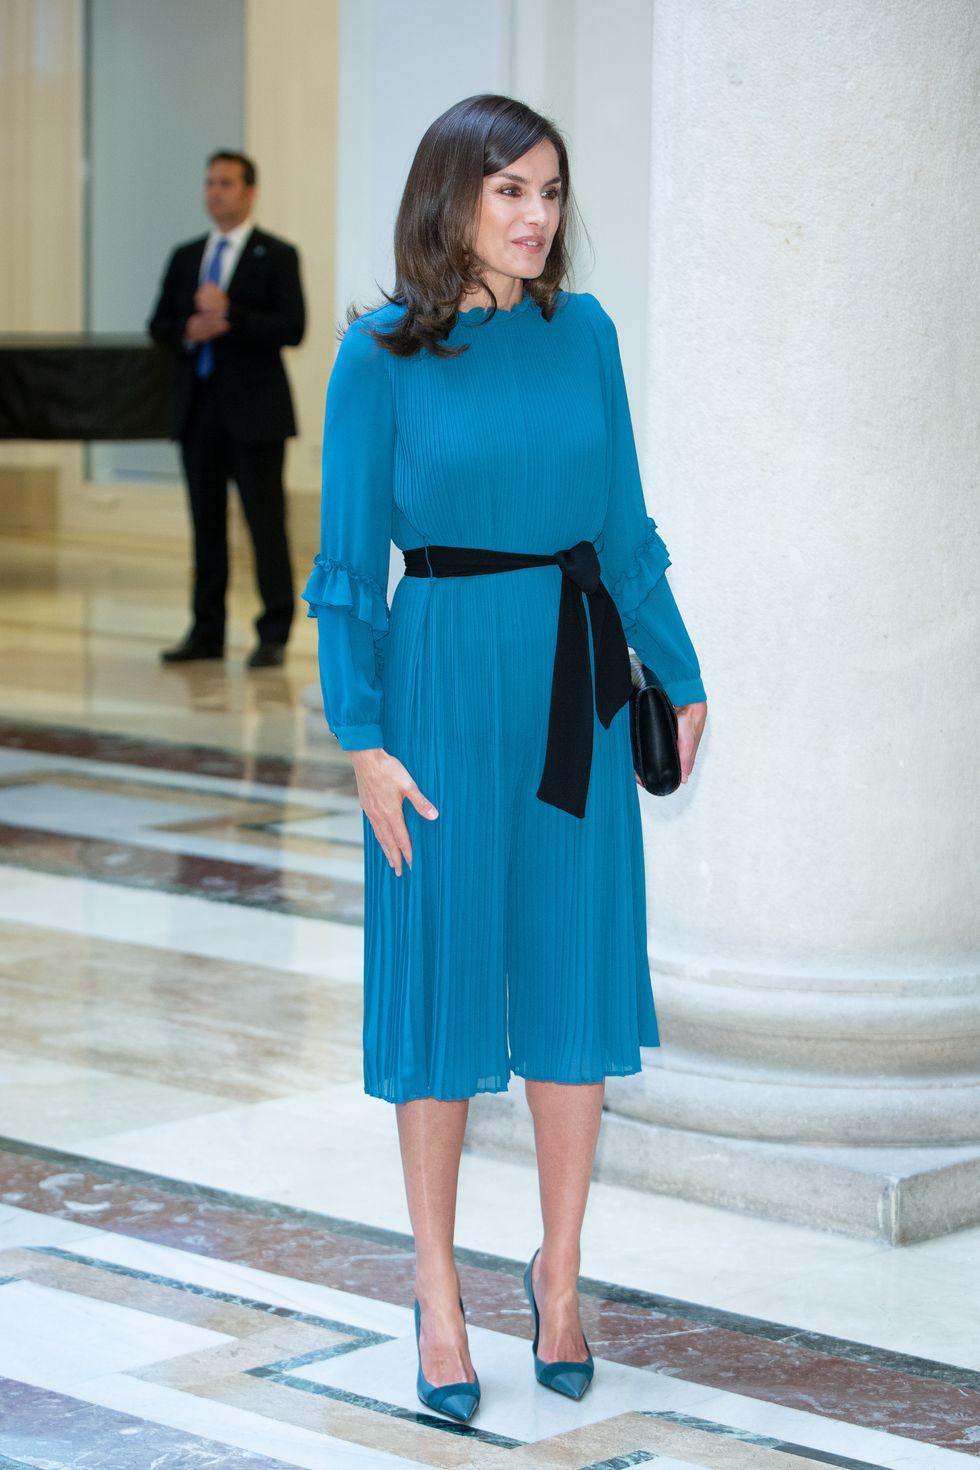 ملكة اسبانيا ترتدى فستان زهرى